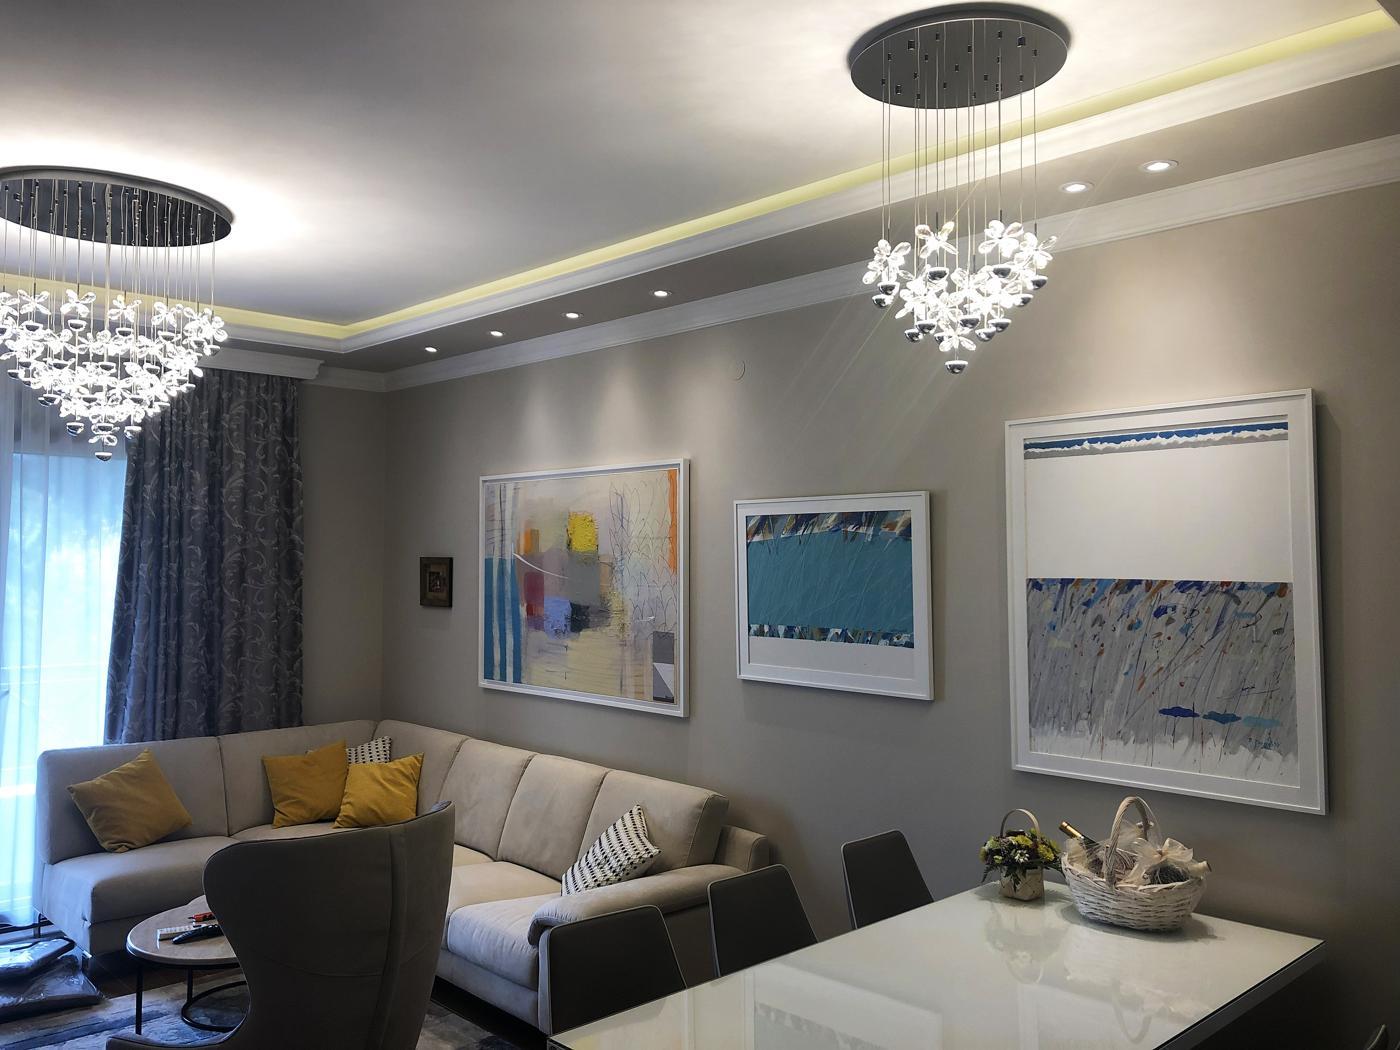 Kako odabrati umjetničke slike za moderni interijer